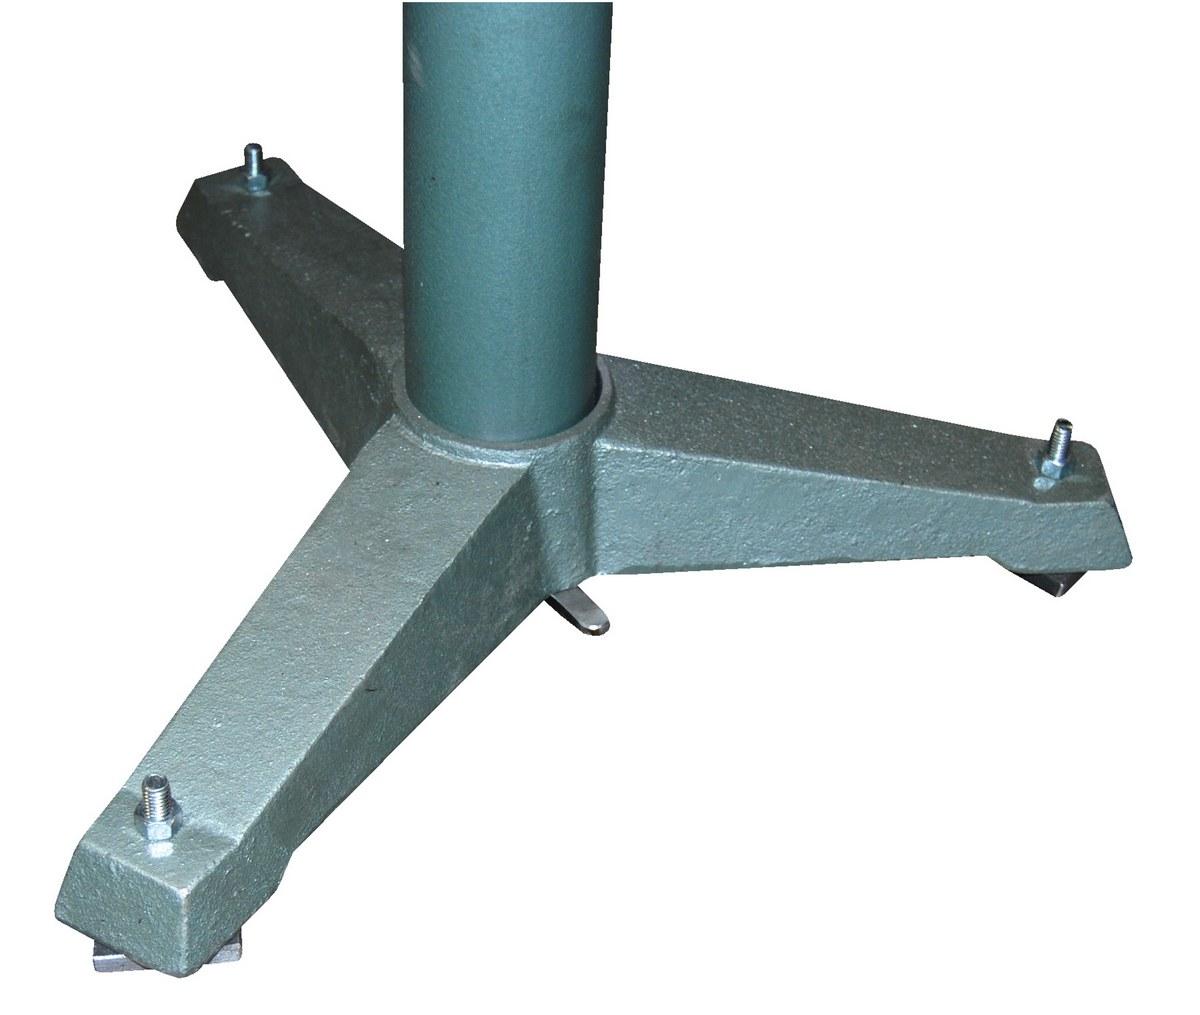 Vestil STAND-V-HP 5 V Deluxe Roller Stand 27-42 Height 1760 lbs Capacity